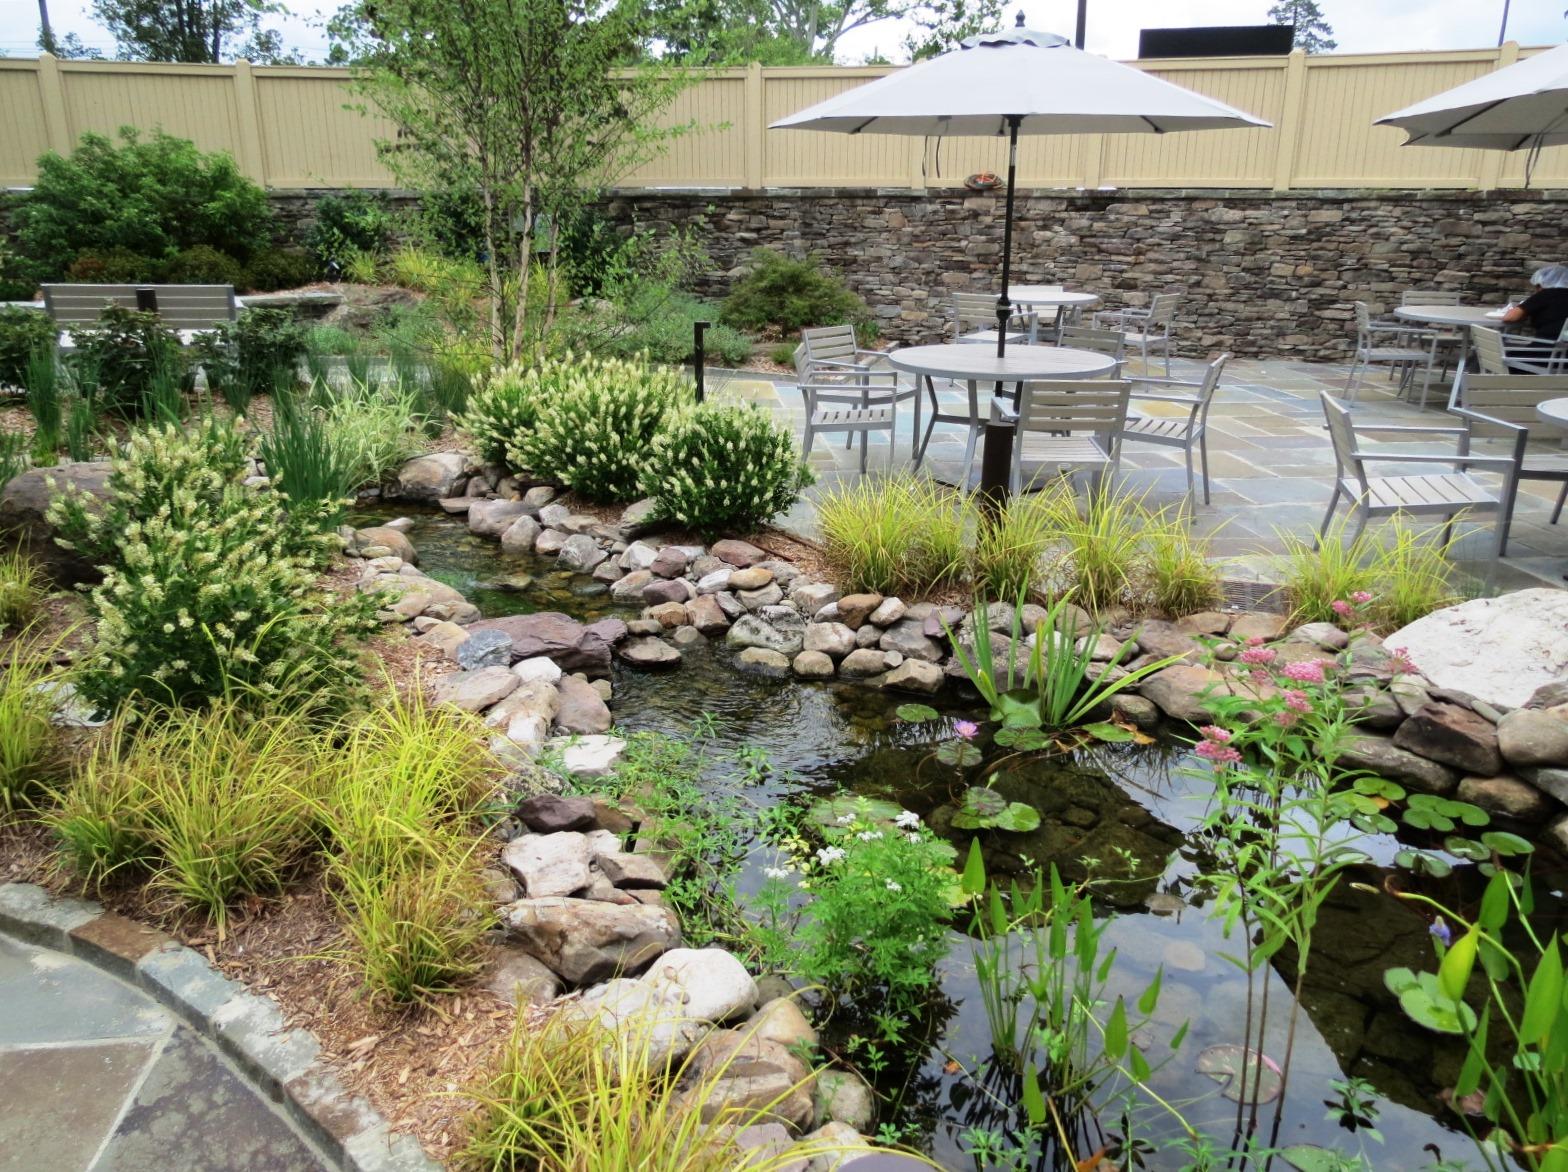 Janet Fields Memorial Garden